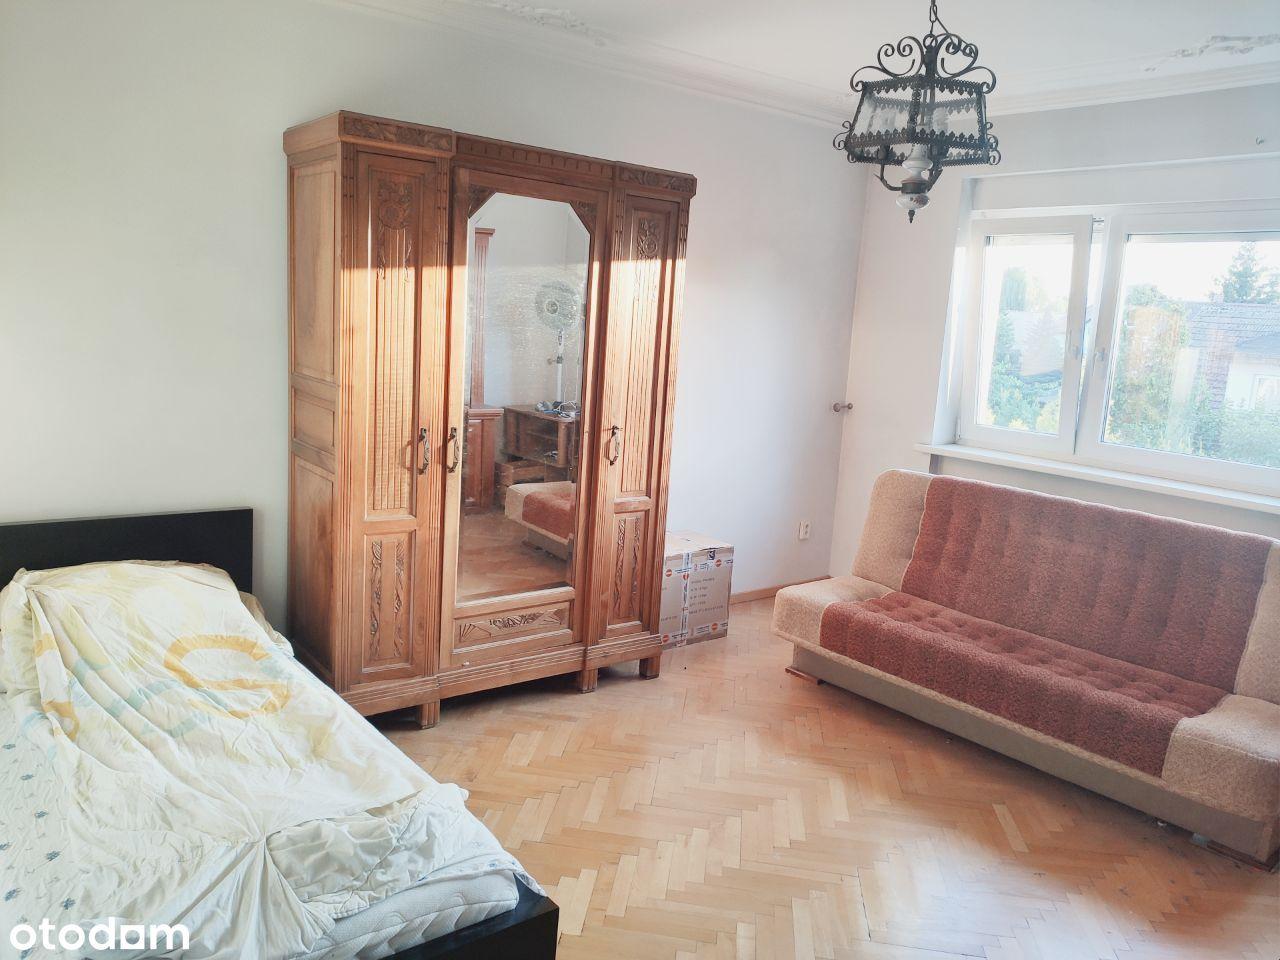 Miejsce w pokoju 2 osobowym w domu jednorodzinnym